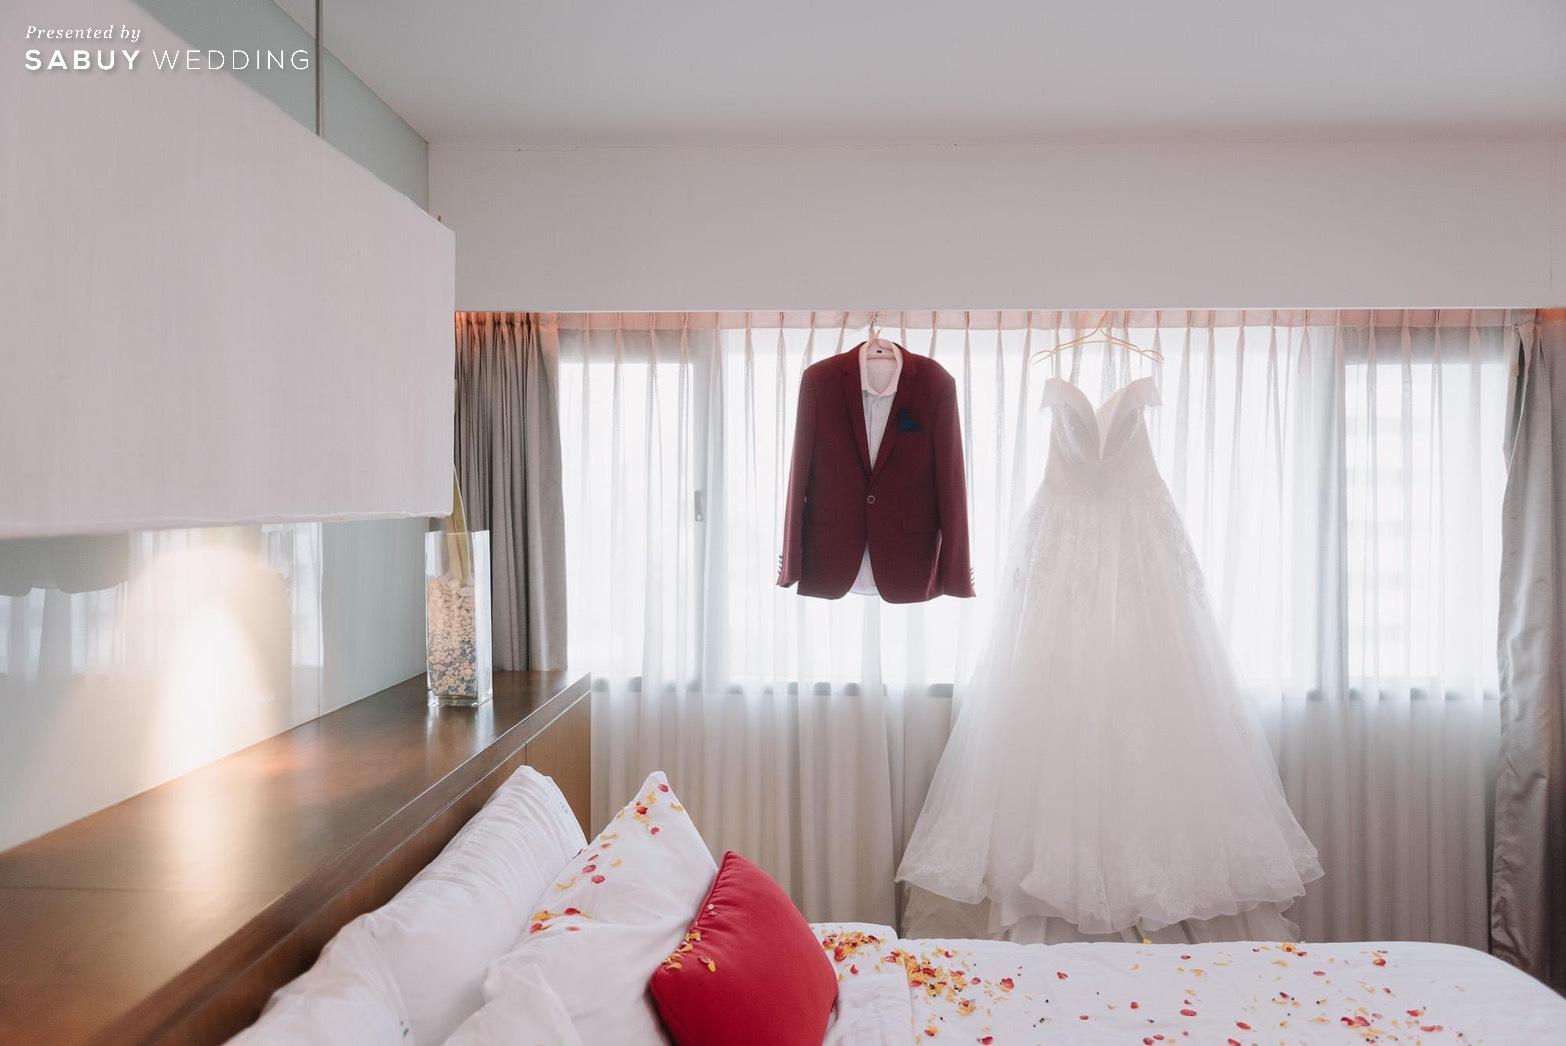 ชุดแต่งงาน,ชุดเจ้าสาว รีวิวงานแต่งหมั้นฉลอง ในห้องบอลรูมโฉมใหม่!! @ Narai Hotel